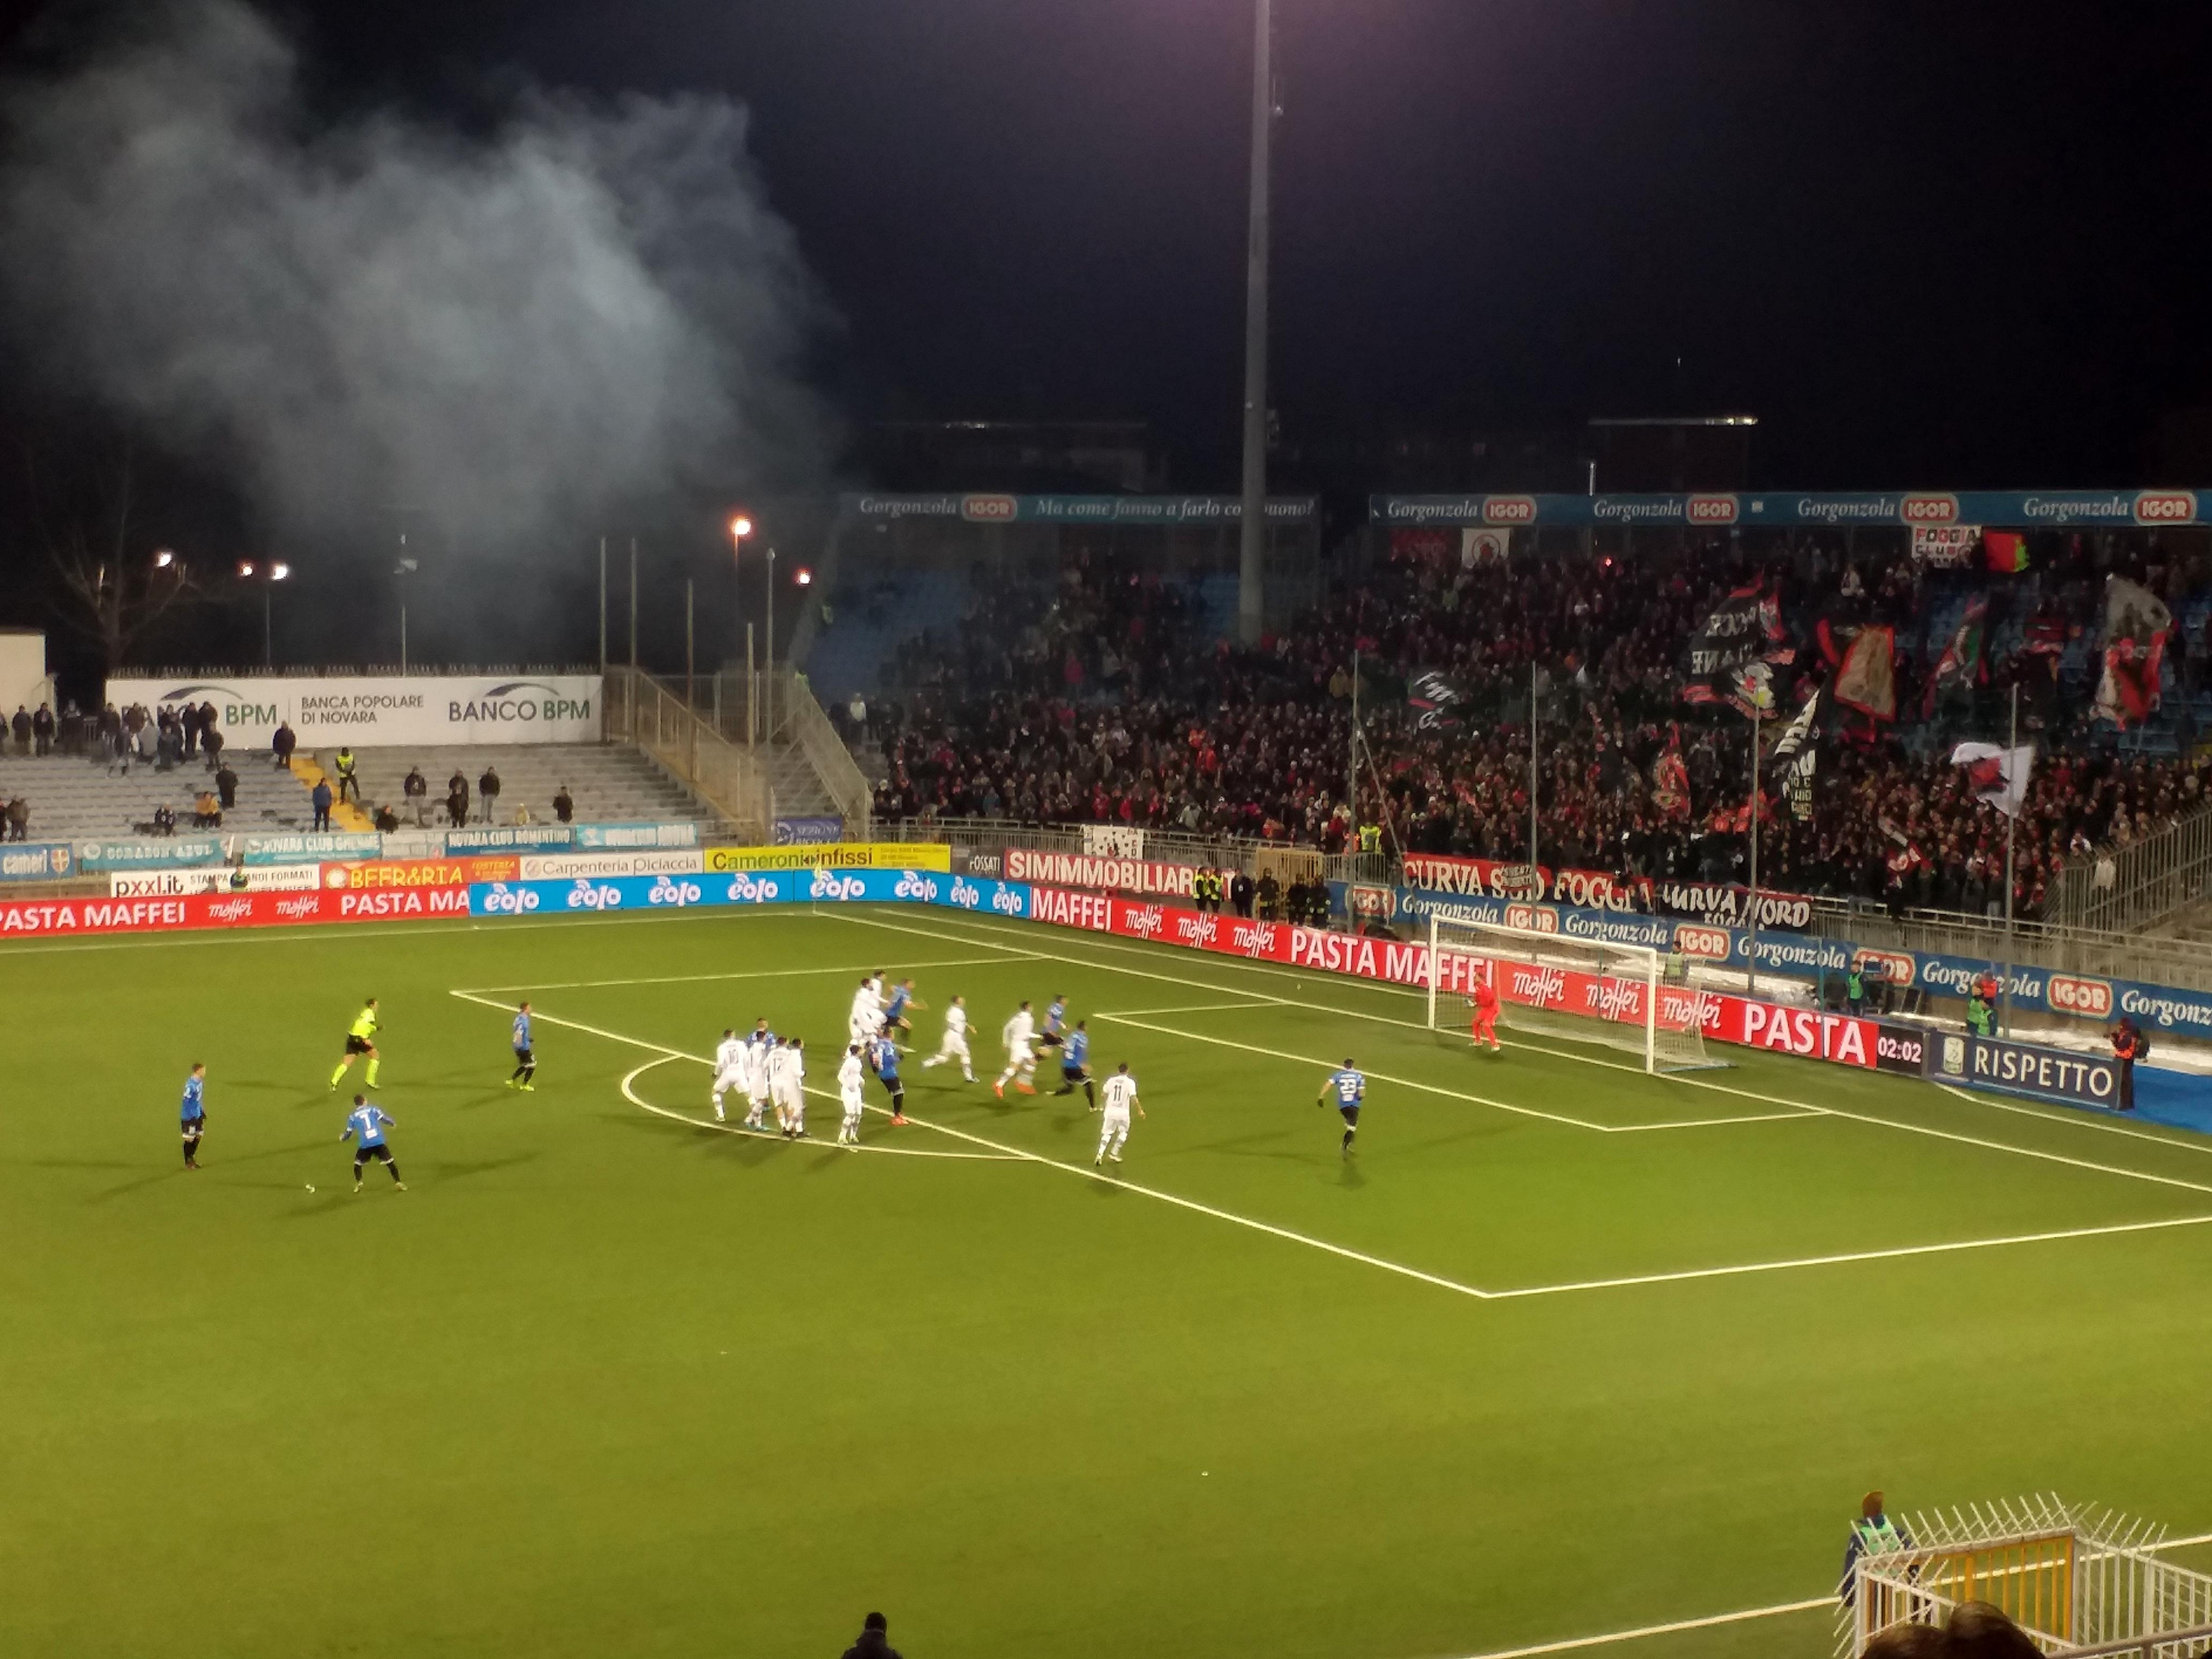 novara_calcio_5.jpg